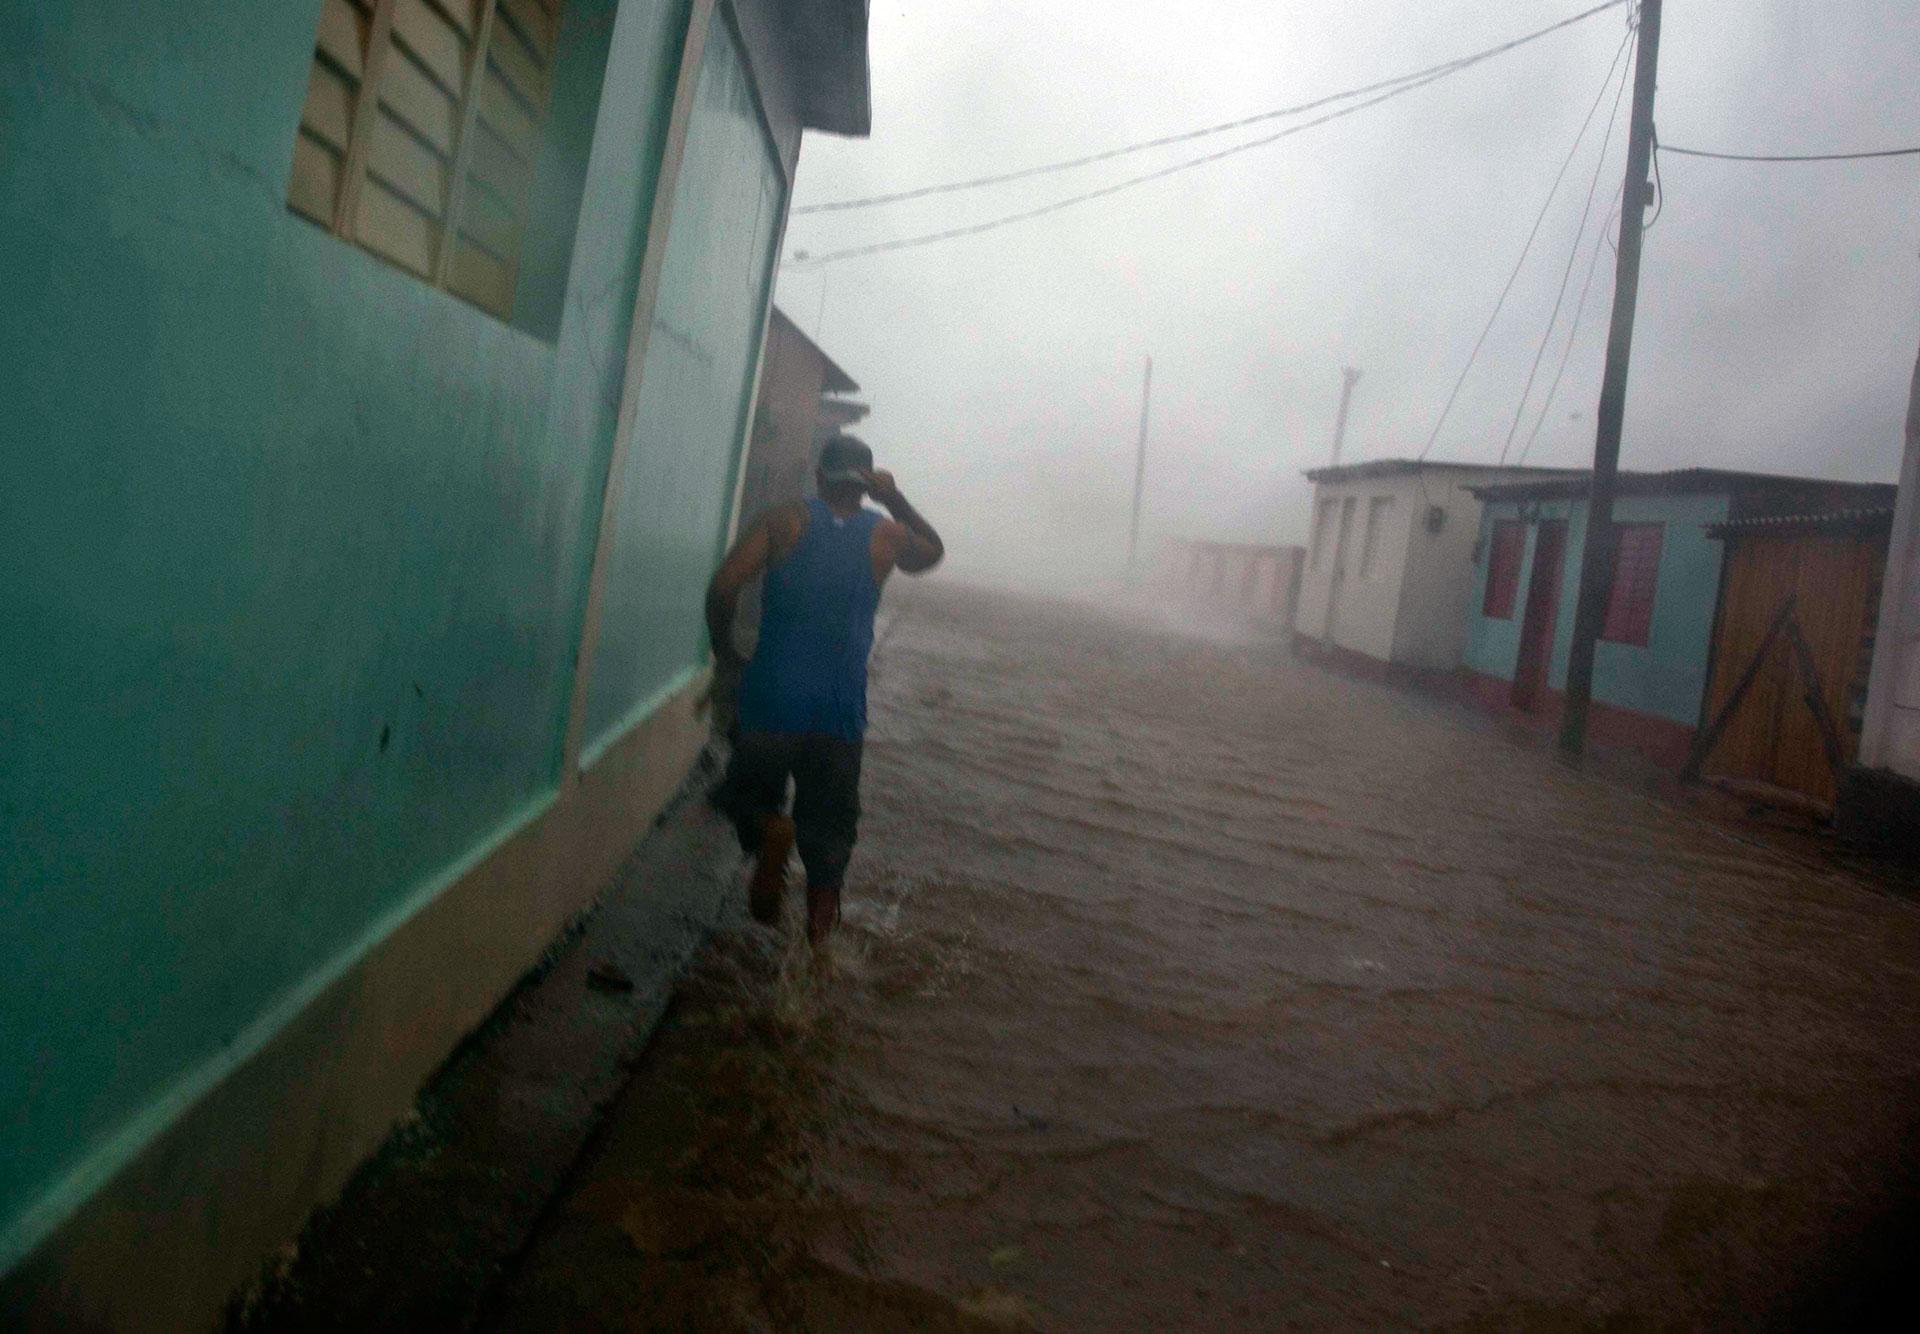 Matthew, el quinto huracán de la temporada ciclónica en el Atlántico, tiene como antecedente más cercano a Sandy, un destructivo huracán categoría 2 que en octubre de 2012 cruzó de sur a norte por Santiago y Holguín, donde ocasionó once muertos y pérdidas cuantificadas en unos 4.000 millones de dólares (AP)